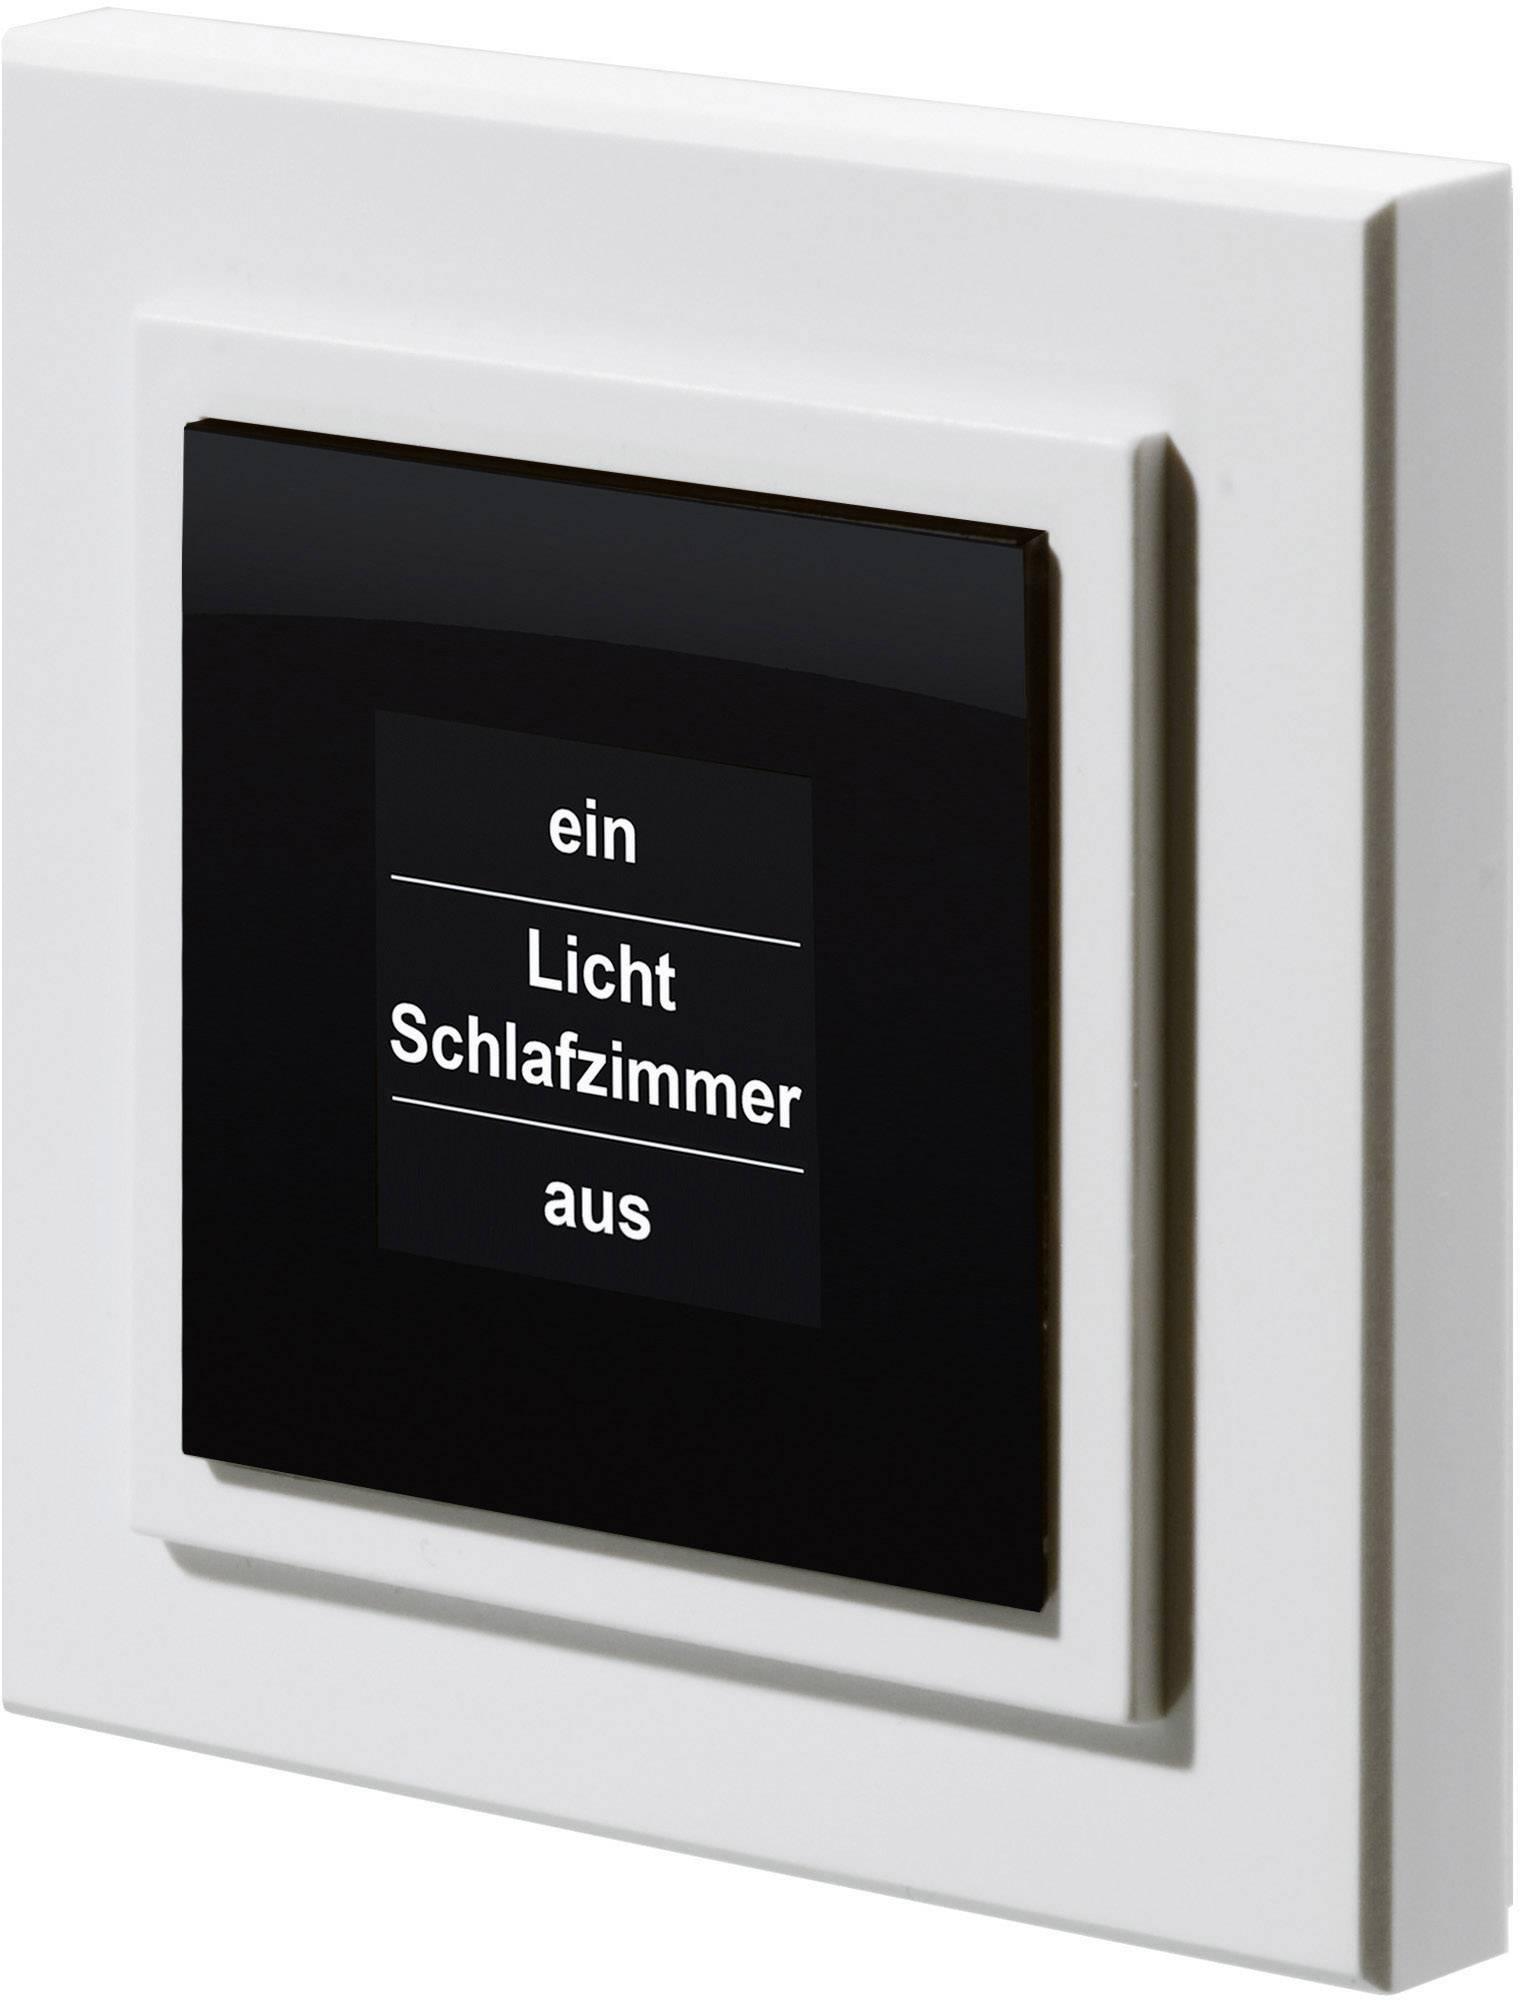 Bezdrôtové nástenné tlačidlo s displejom HomeMatic HM-PB-4Dis-WM, 4 kanály